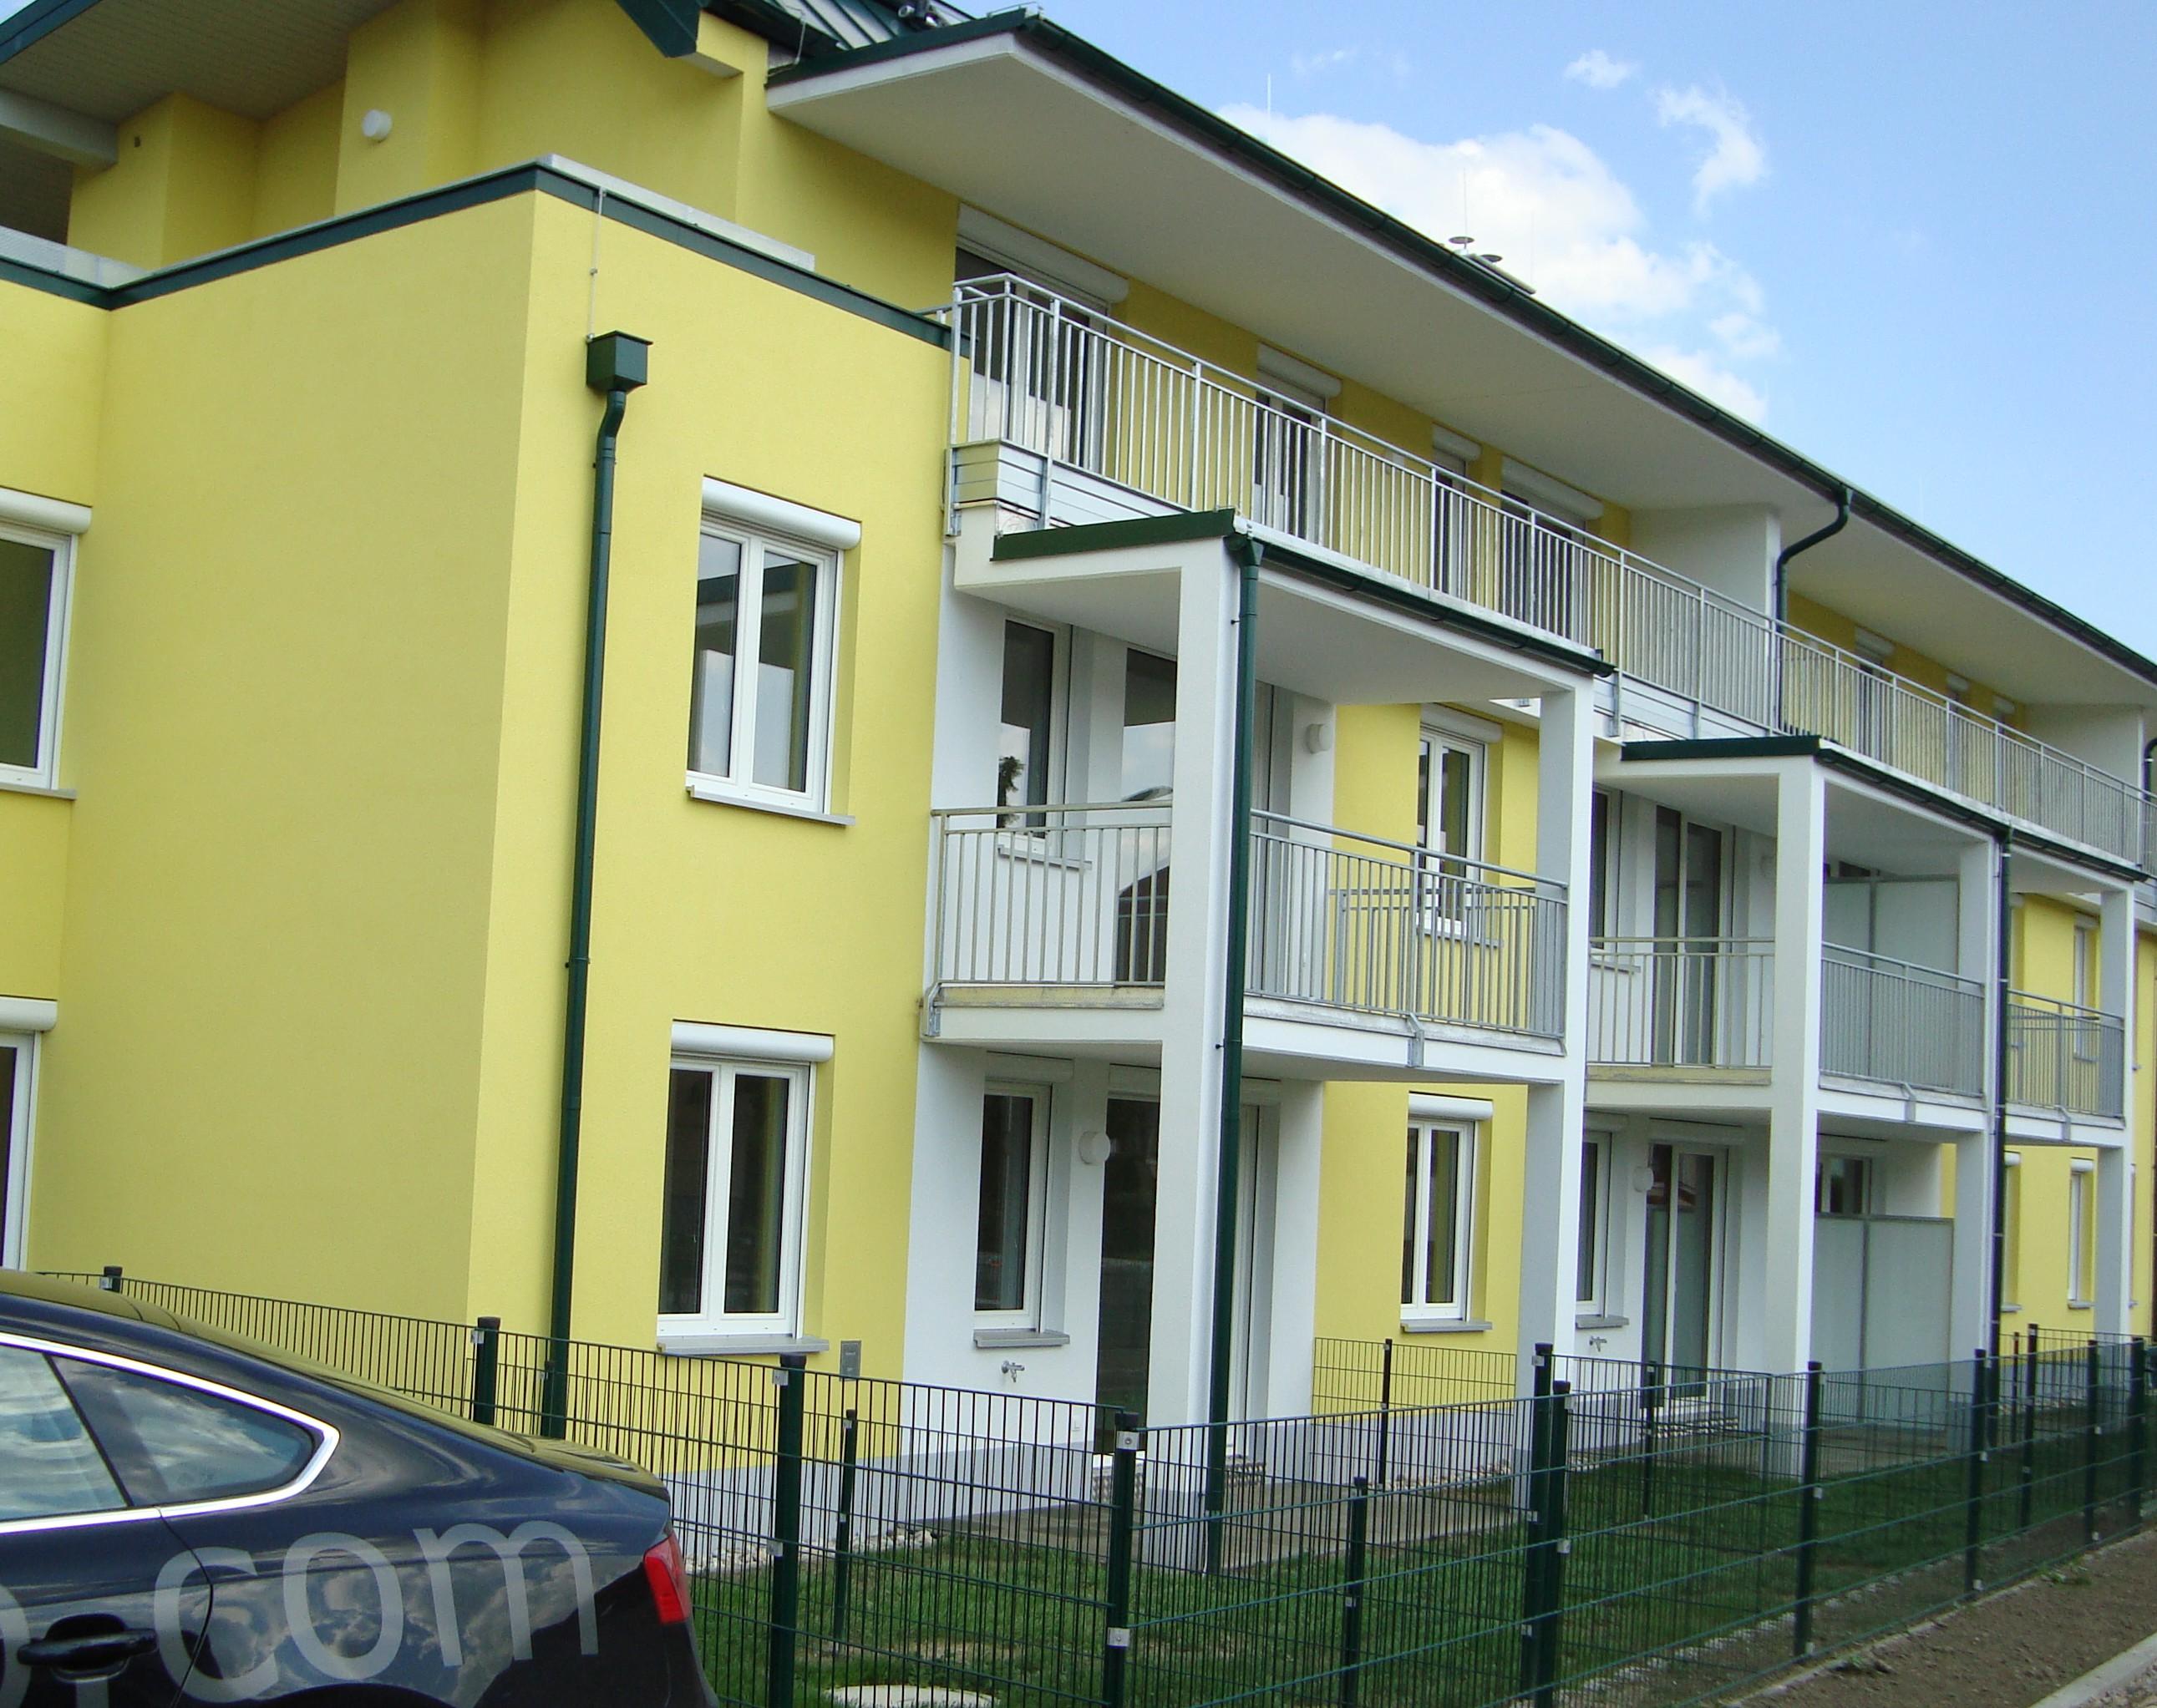 Immobilie von Kamptal in 3701 Großweikersdorf, Tulln, Großweikersdorf I/2 - Top 7 #7